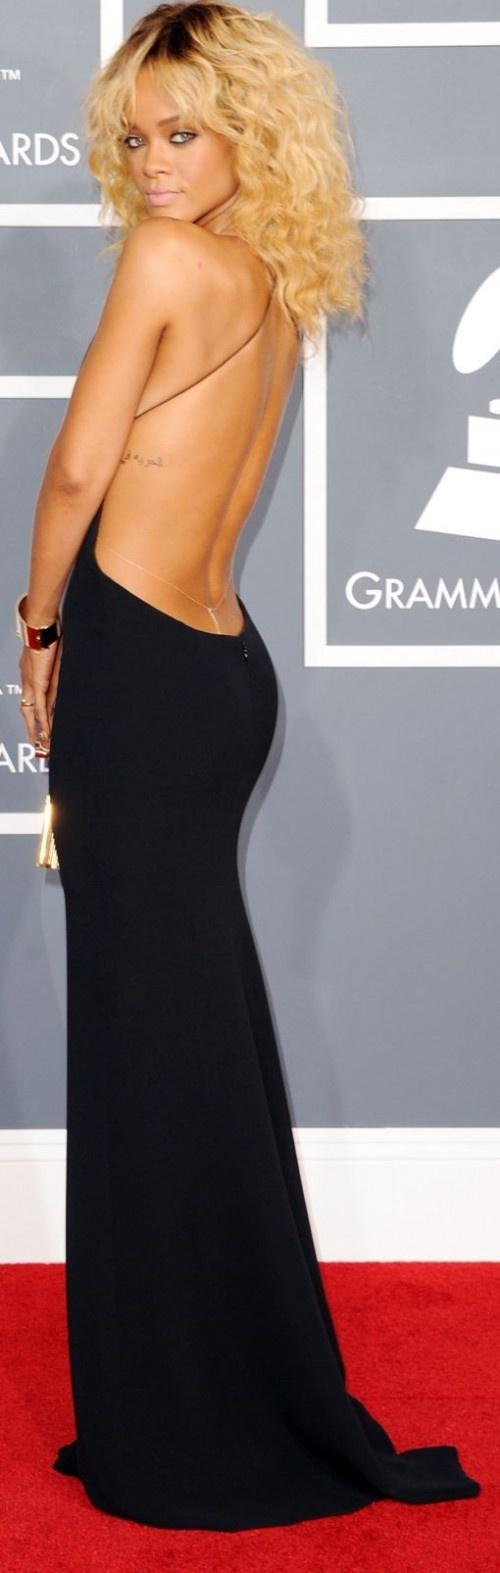 Love herr   Rihanna   Pinterest   Abendkleider, Favoriten und Damenmode